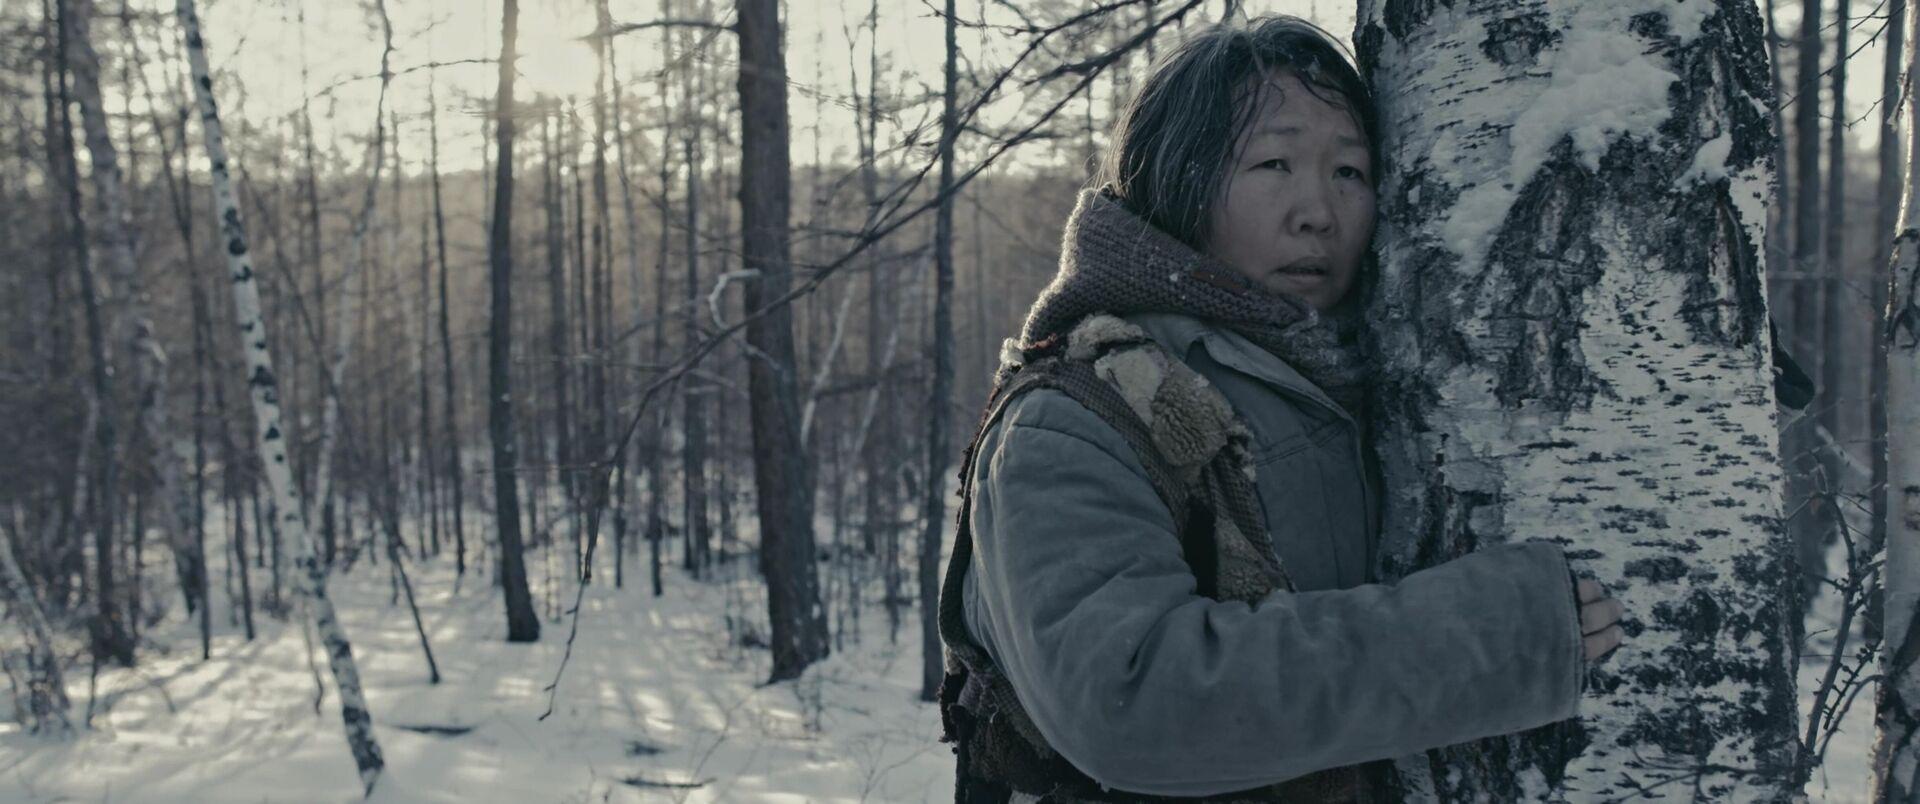 Российский Голливуд: как в Якутии победили американское кино